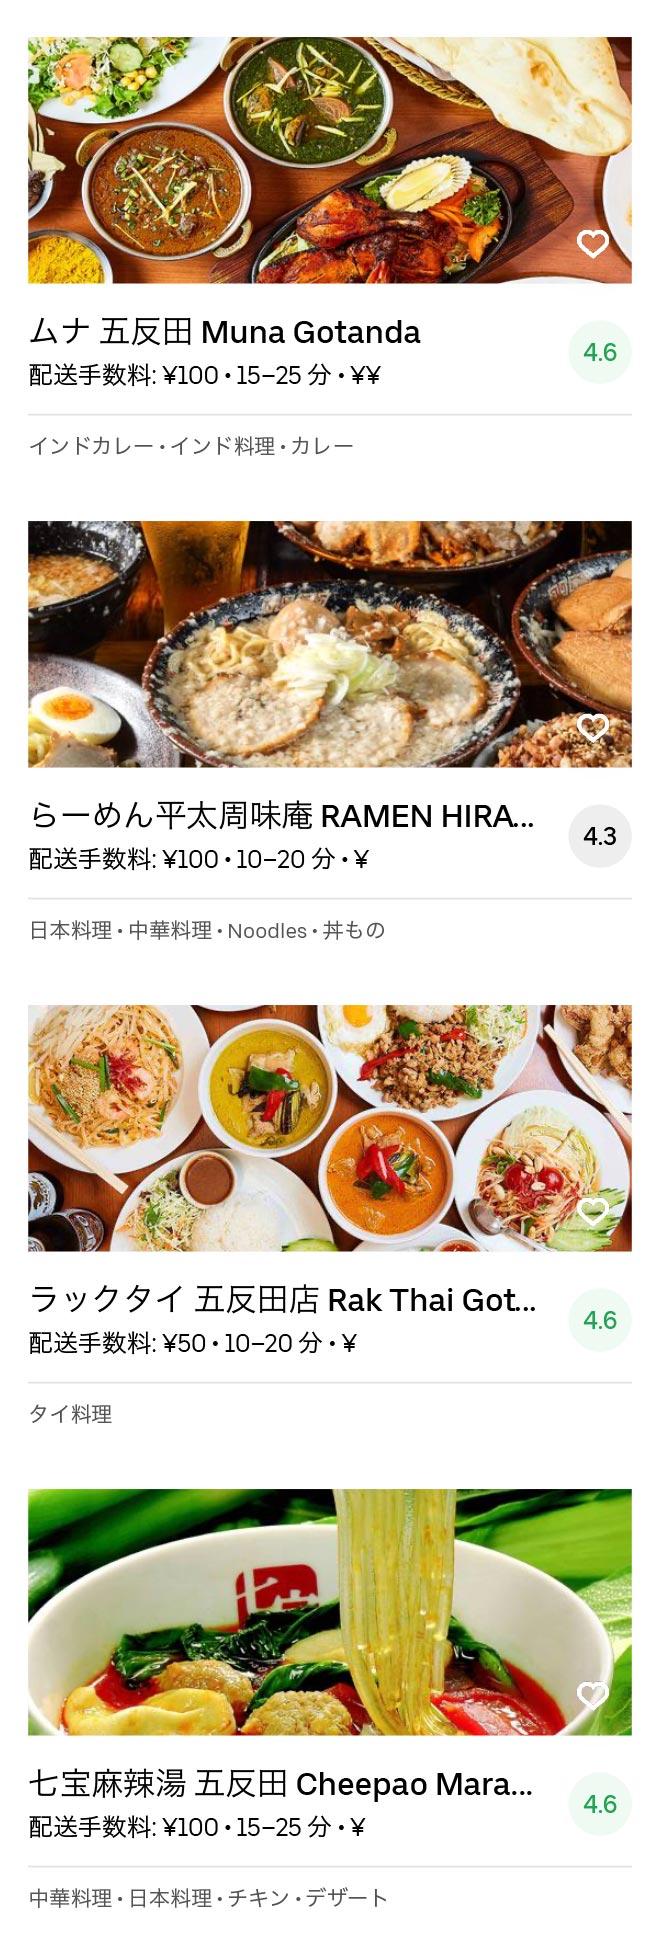 Tokyo osaki menu 2005 05